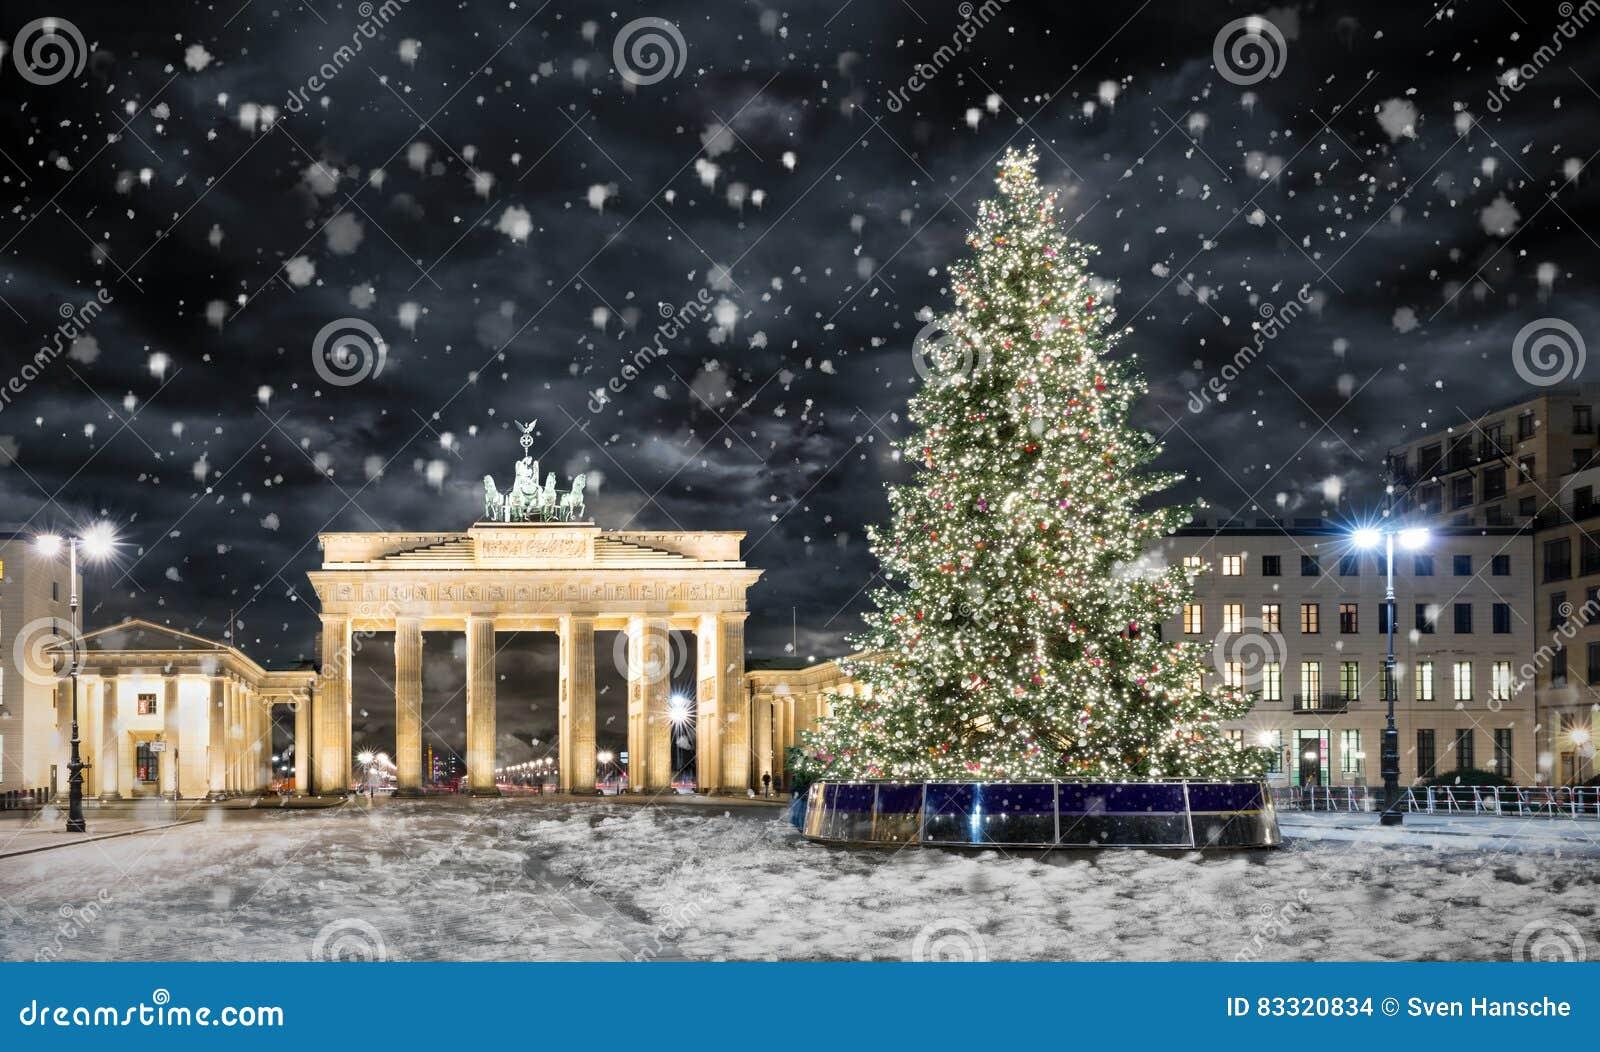 brandenburger tor in berlin mit weihnachtsbaum und schnee stockfoto bild von aufkommen. Black Bedroom Furniture Sets. Home Design Ideas